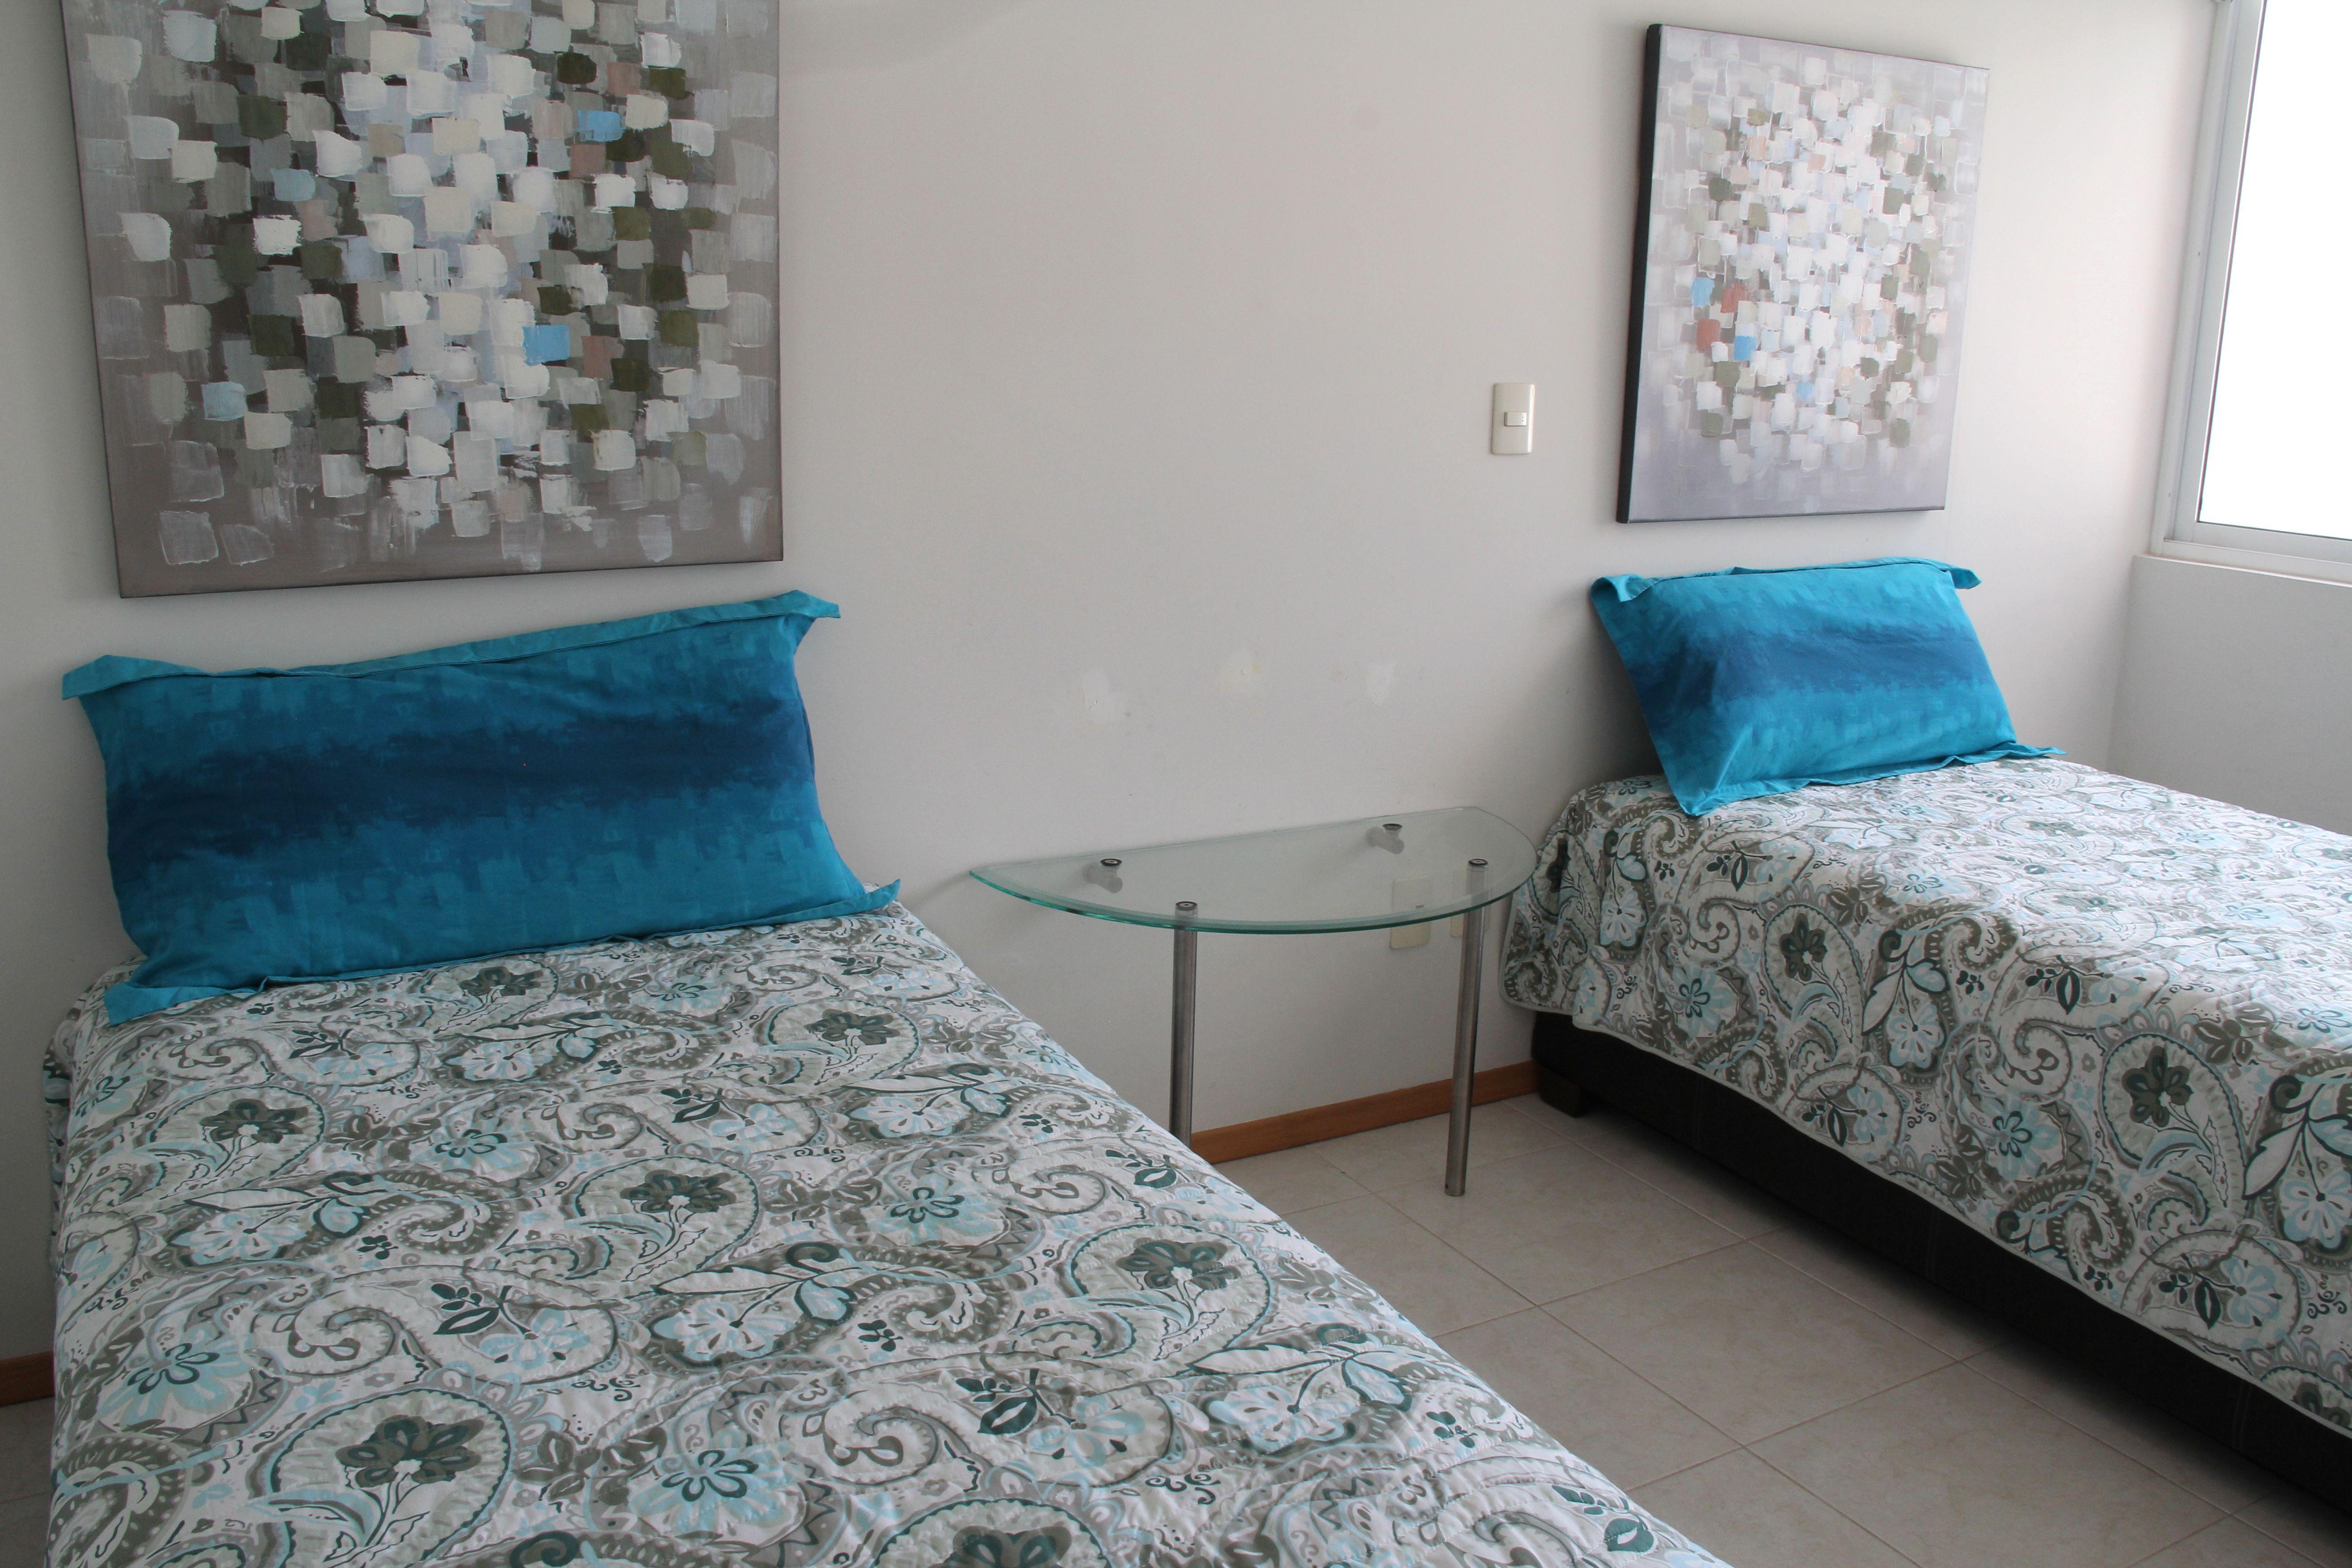 Segunda recamara, camas individuales